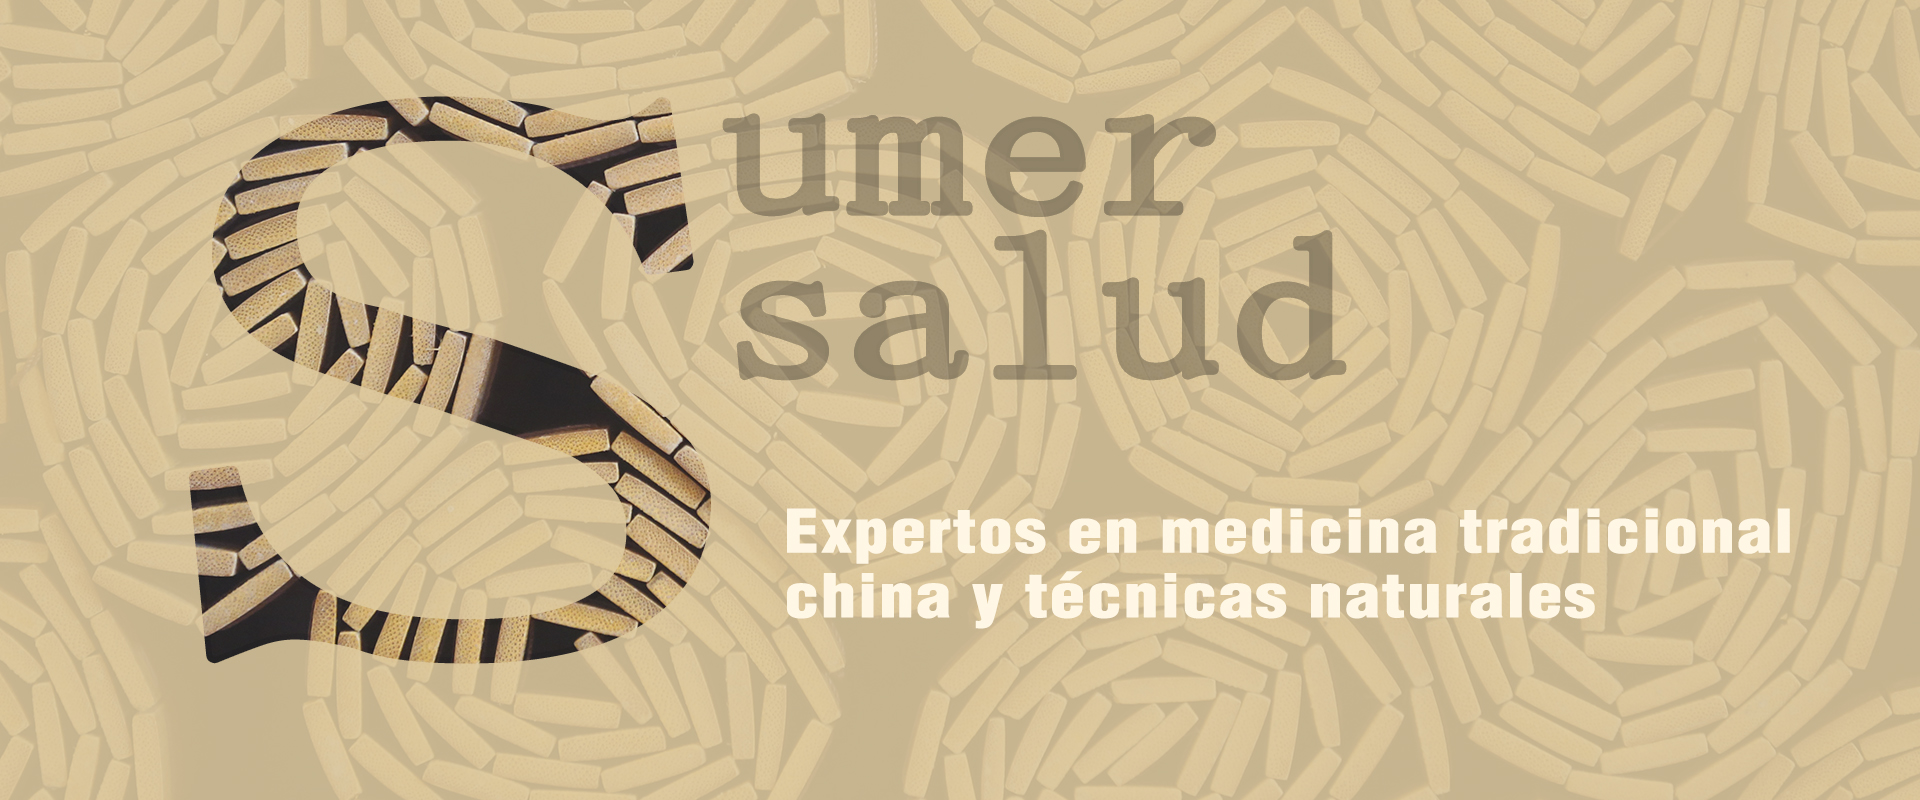 Blog medicina tradicional china y técnicas naturales